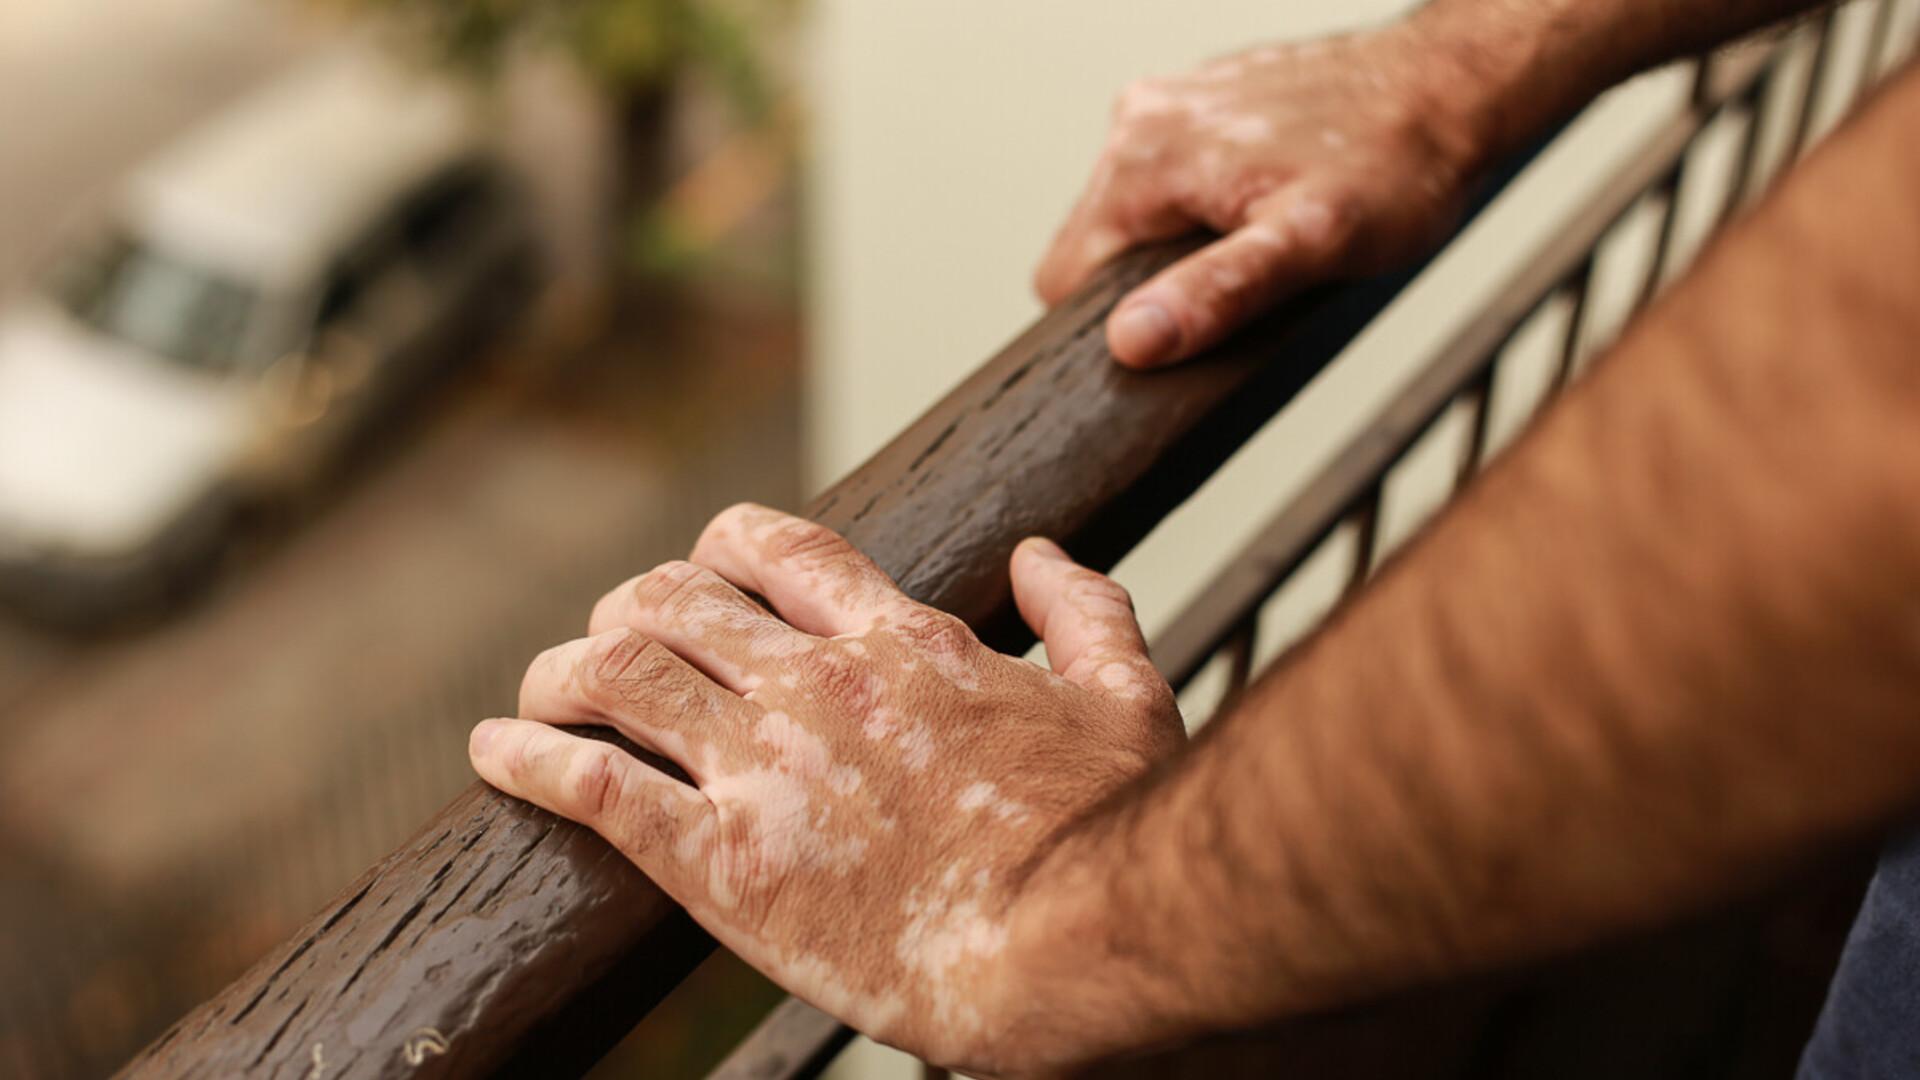 Kuunarliini podagra purunemise ravi Arthroosi ravi lopetamine